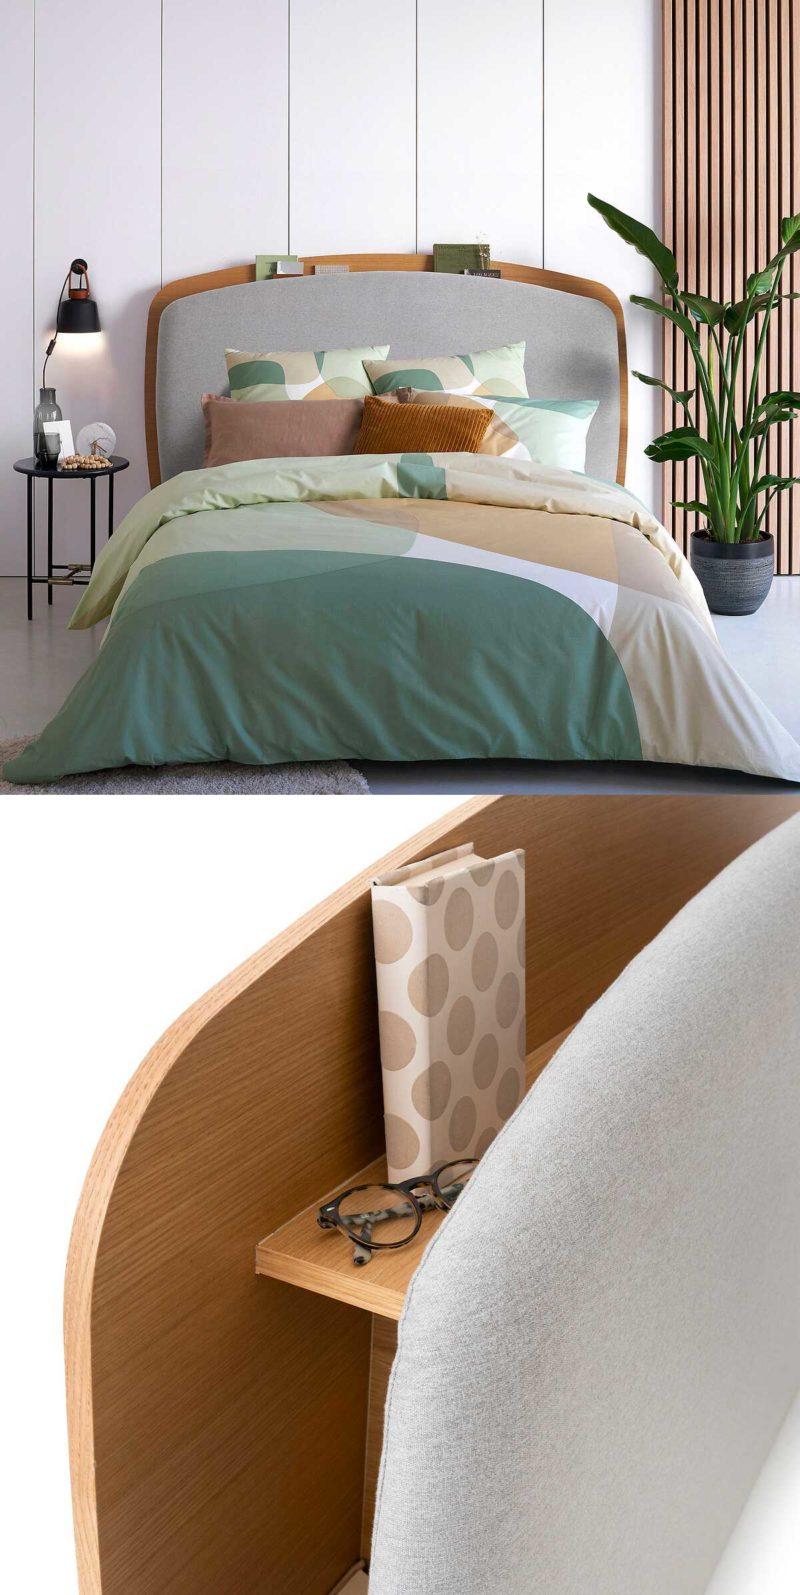 Tête de lit avec rangements intégrés